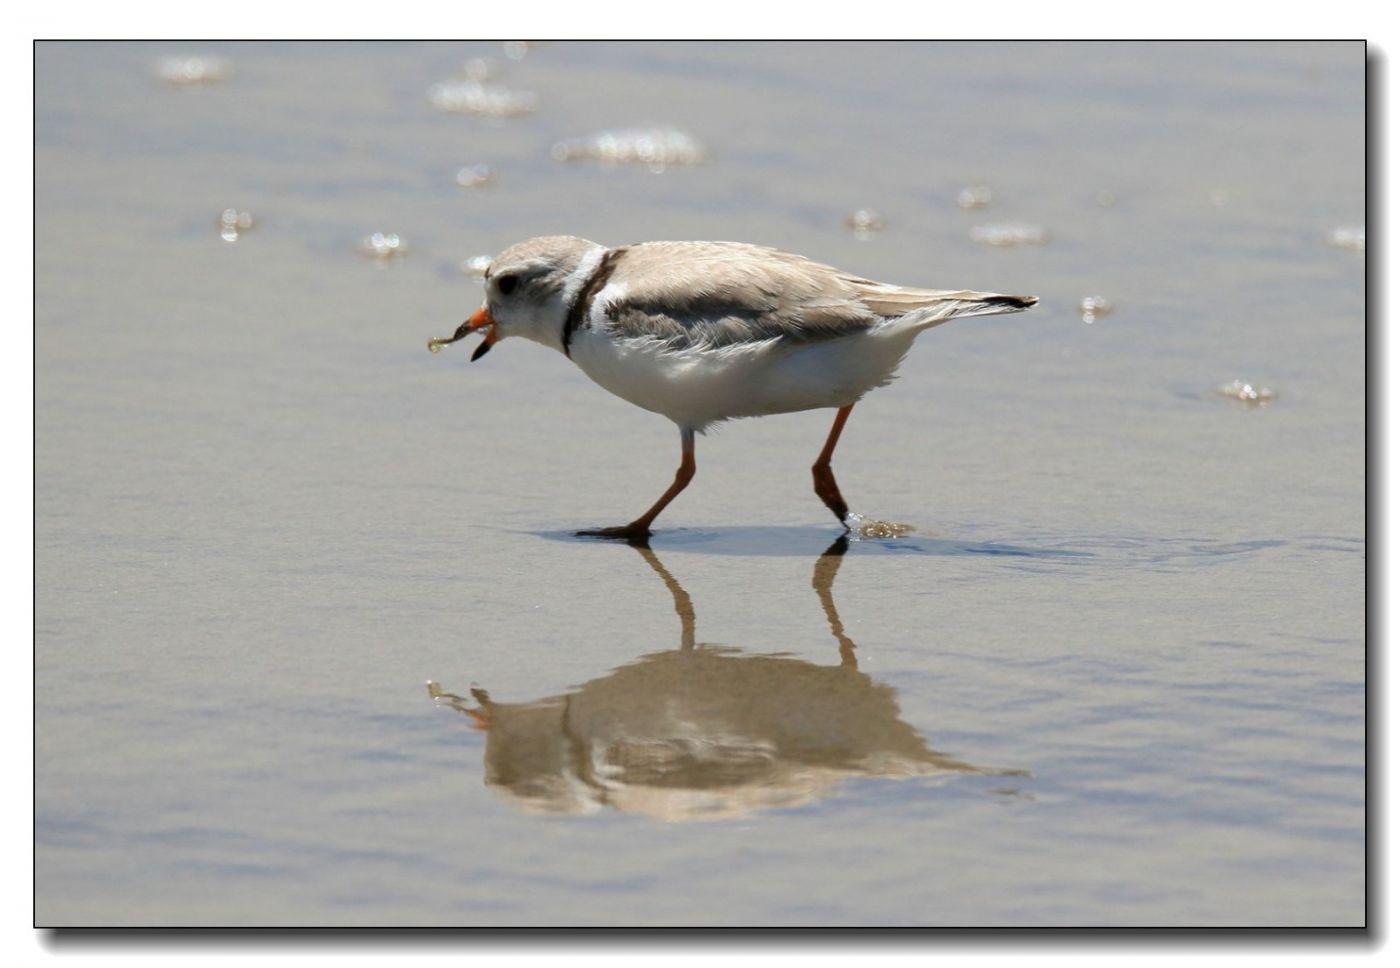 洛克威海滩拍鸟—环颈鸻_图1-2